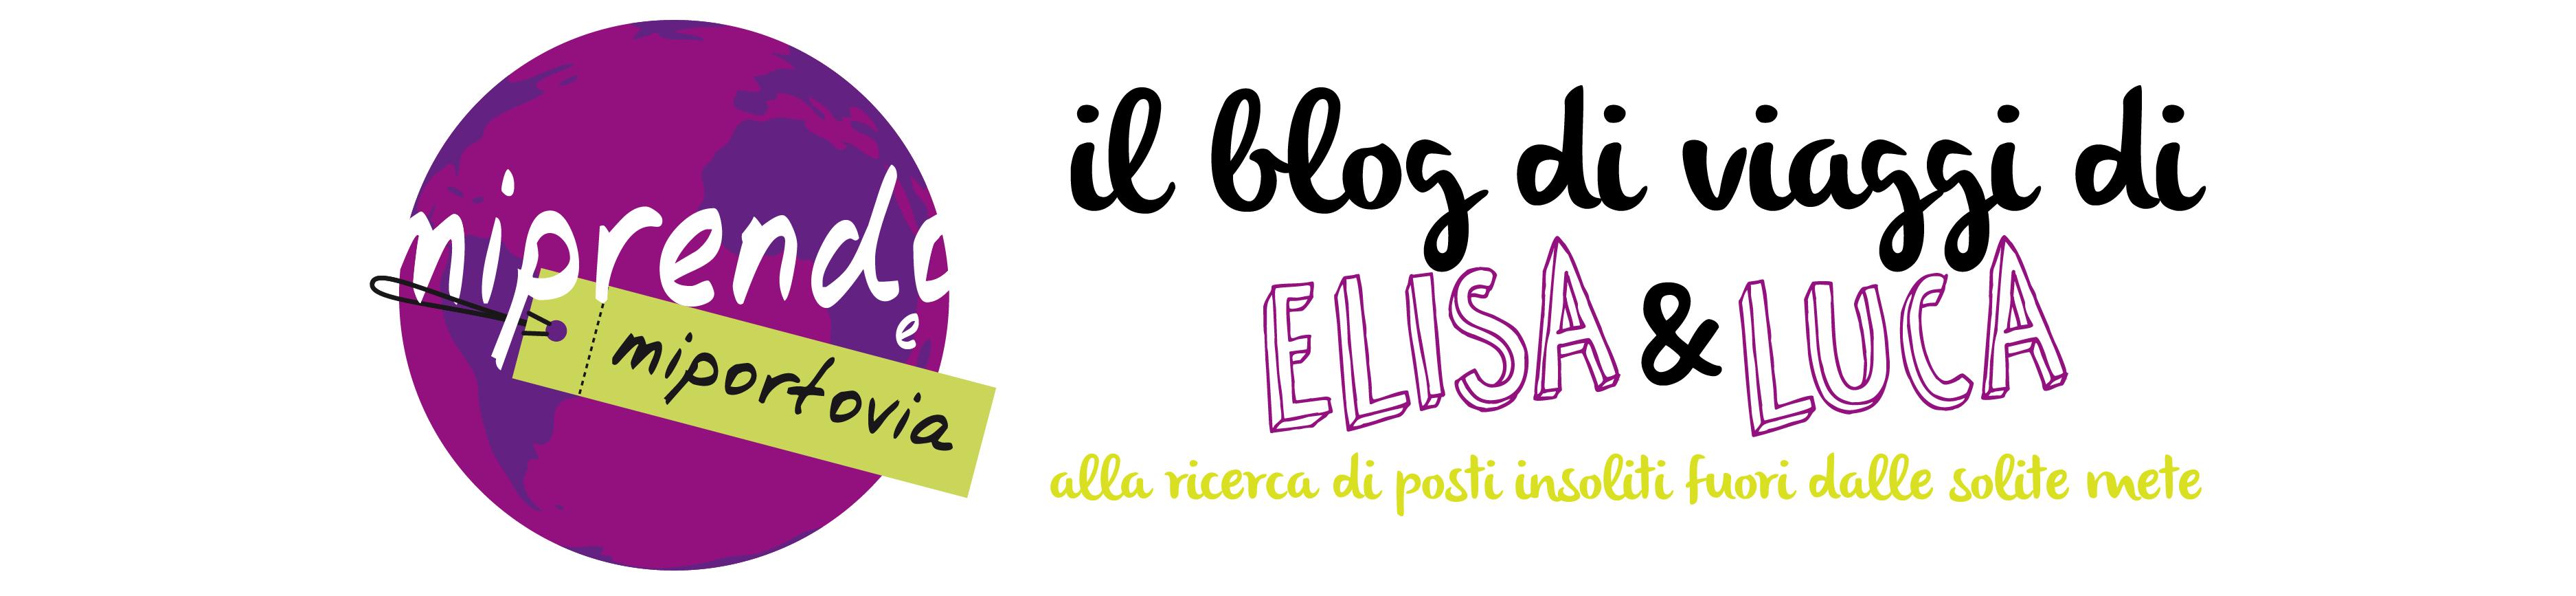 MiprendoeMiportovia - Il blog di viaggi di Elisa e Luca. Consigli per chi è alla ricerca di luoghi insoliti, ispirazioni e consigli su viaggi di coppia e percorsi fuori dalle solite mete.